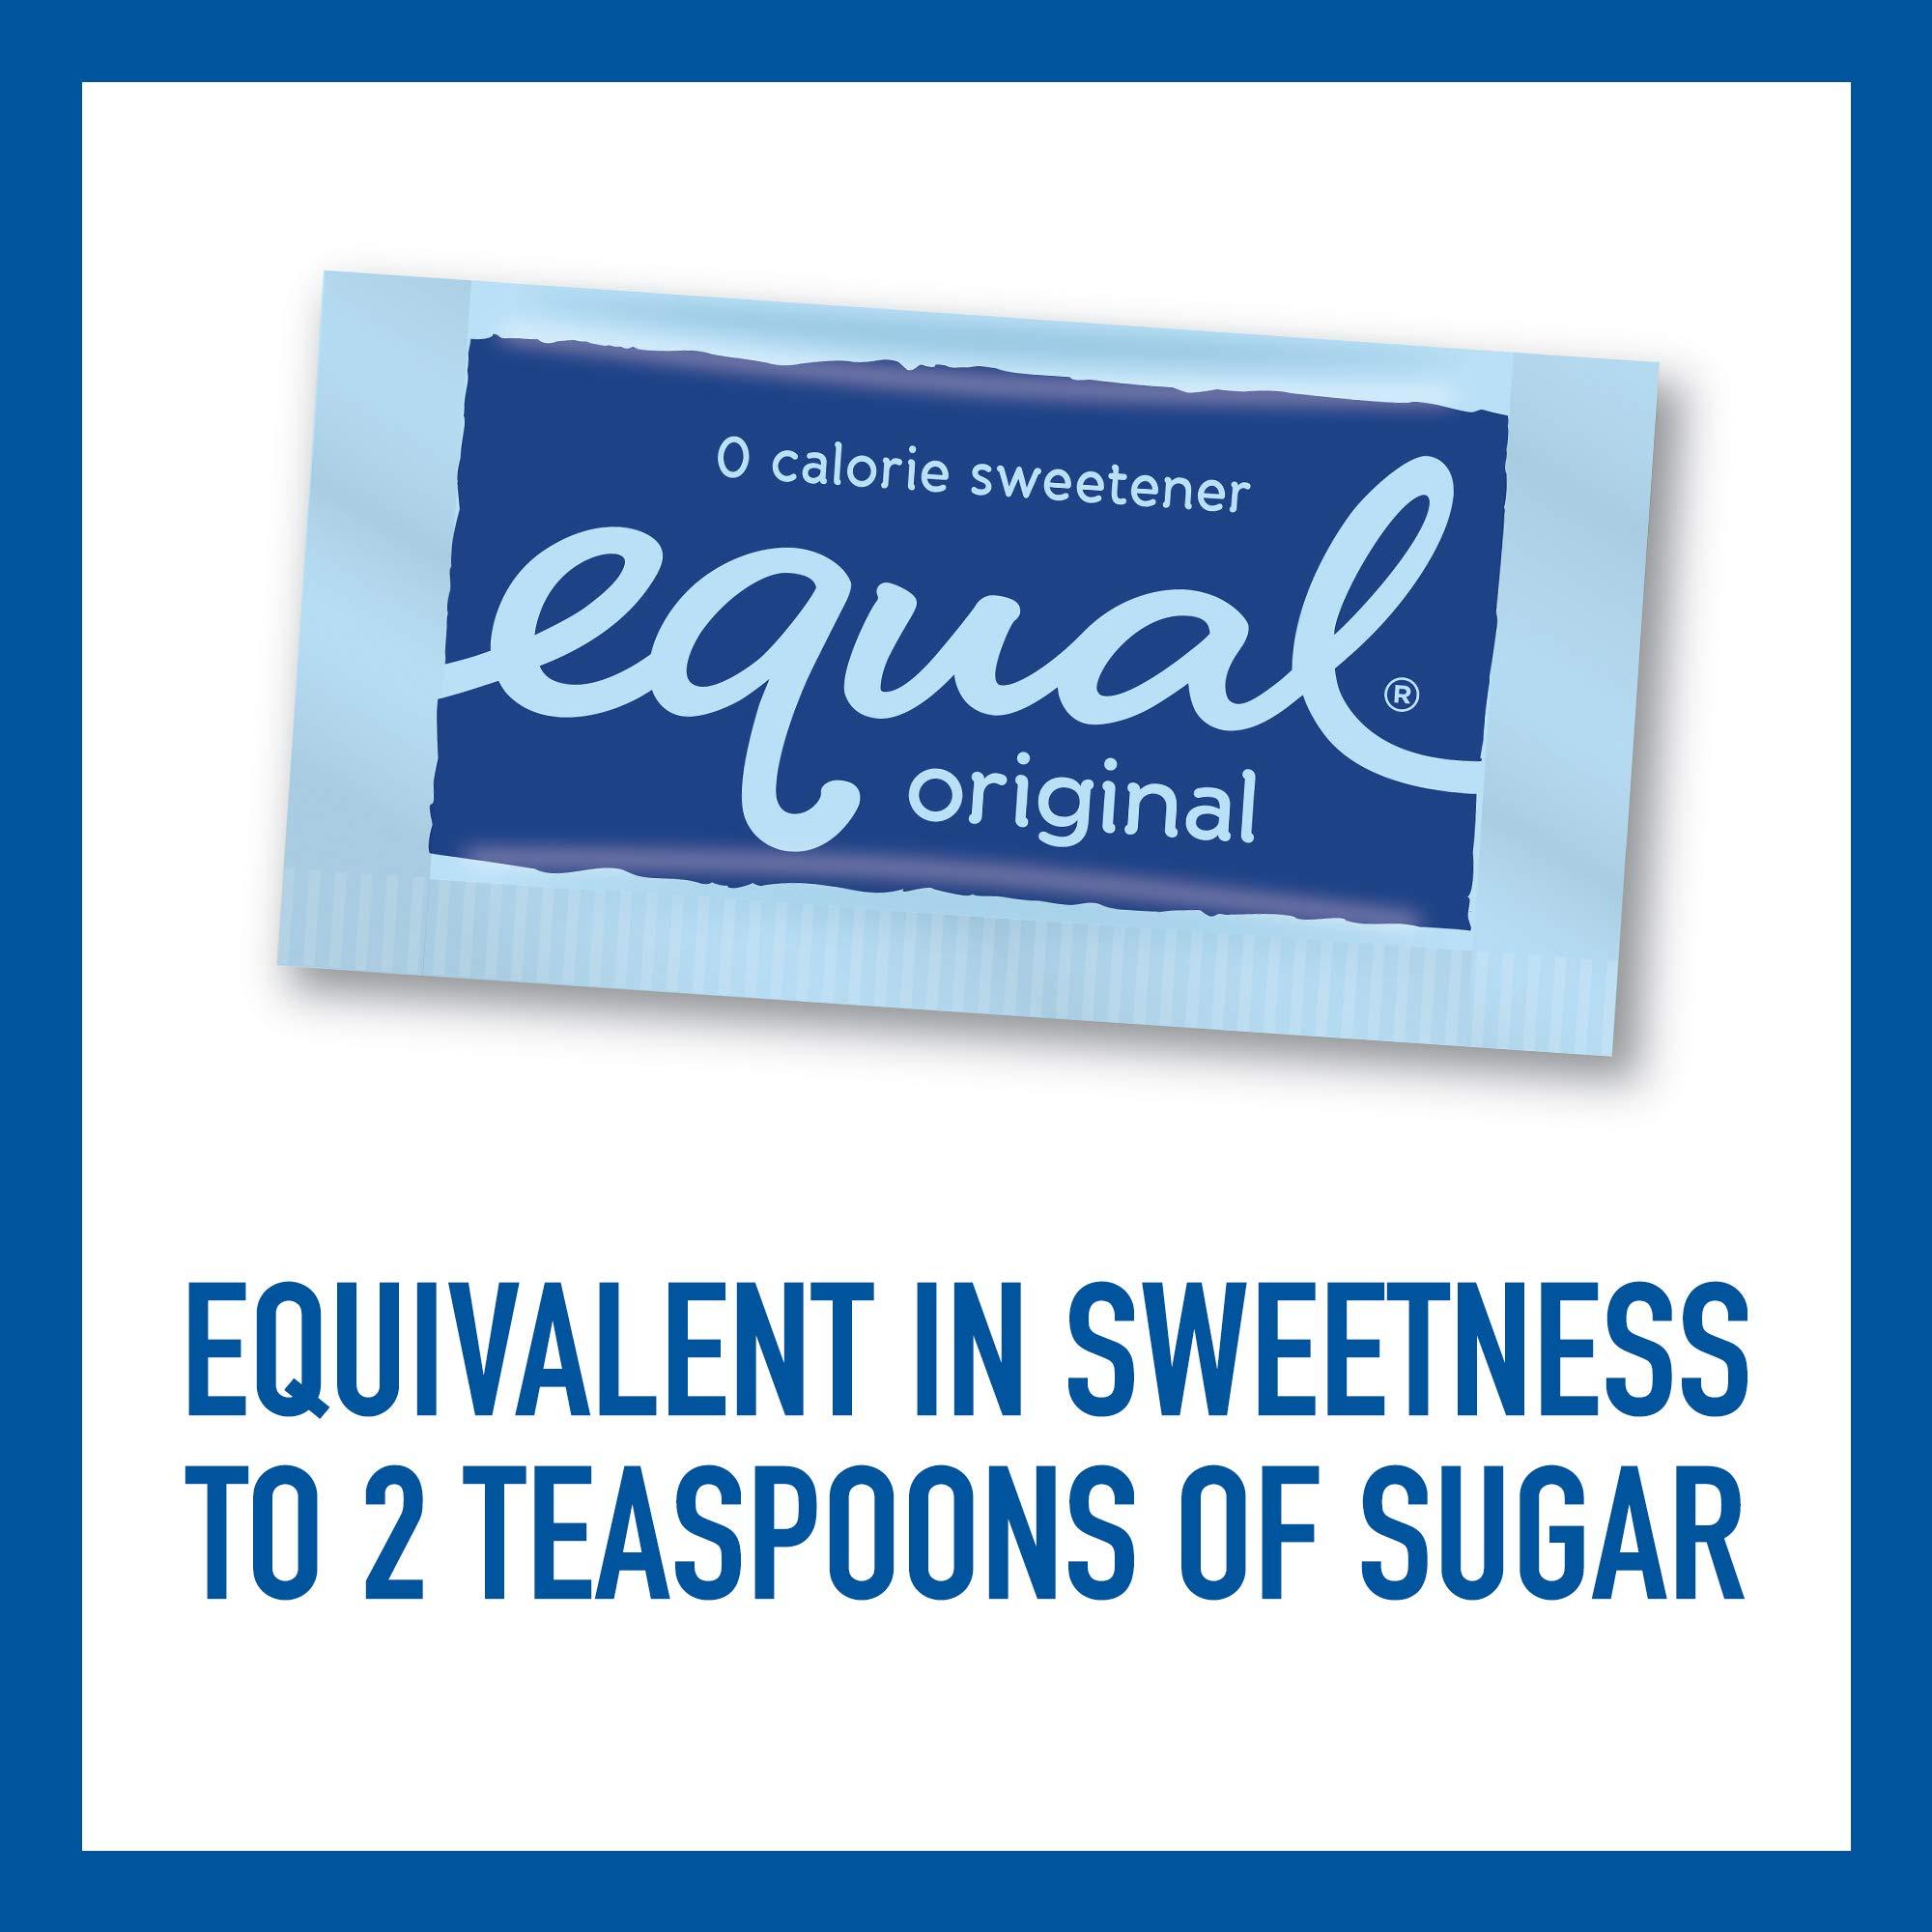 EQUAL 0 Calorie Sweetener, Sugar Substitute, Zero Calorie Sugar Alternative Sweetener Packets, Sugar Alternative, 50 Count (Pack of 12) by Equal (Image #4)